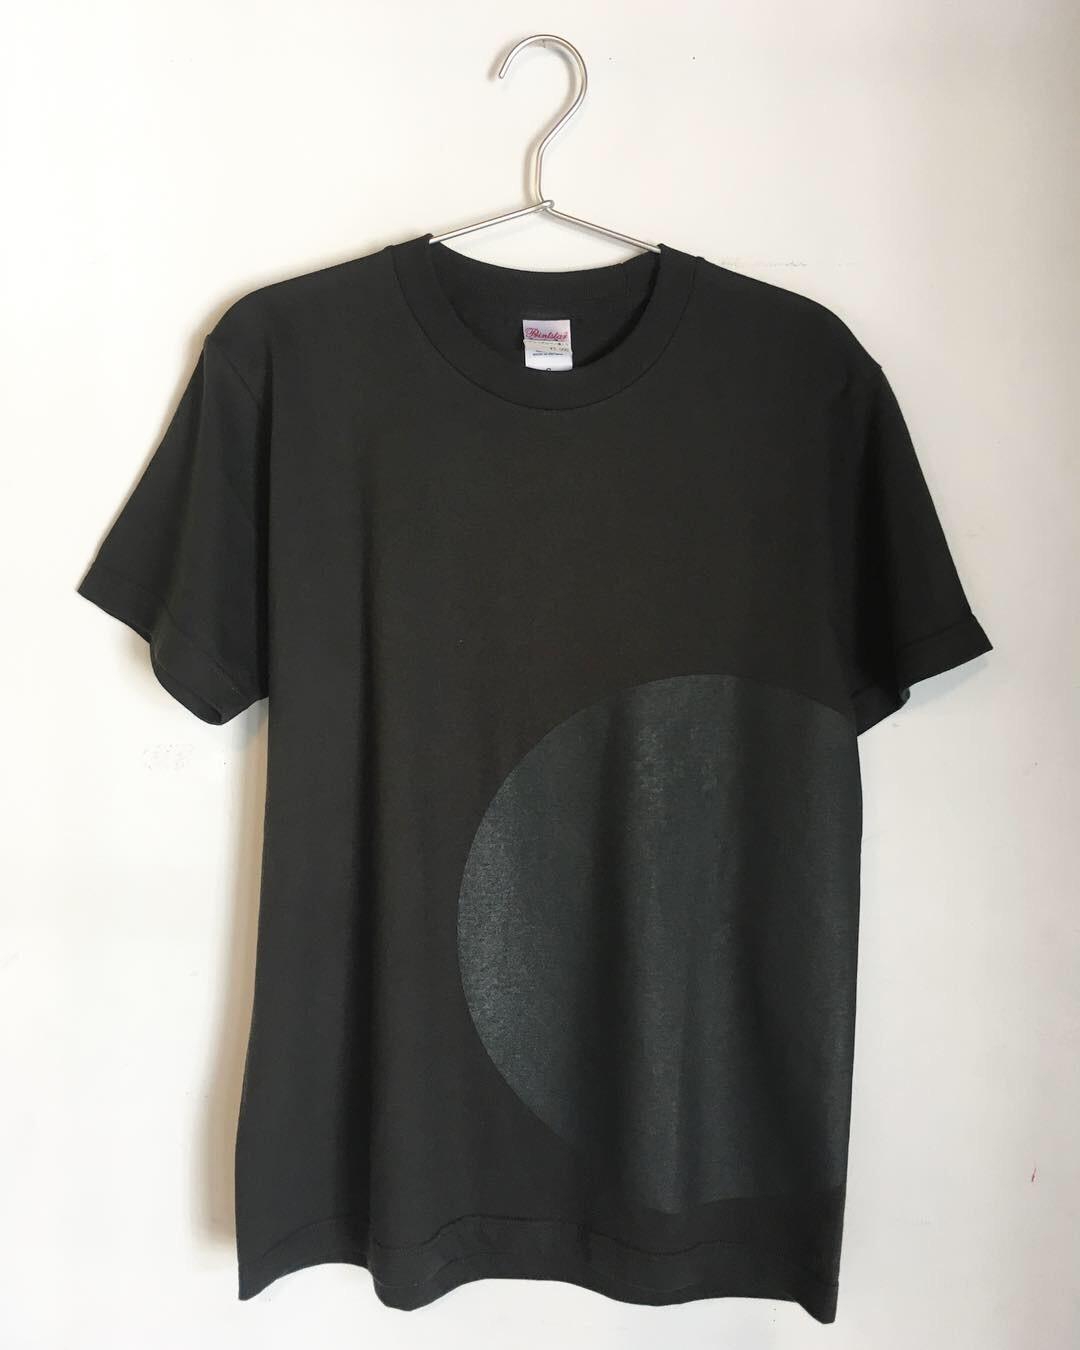 Tシャツ『アニッシュ・カプーア IN 別府』グレー/黒